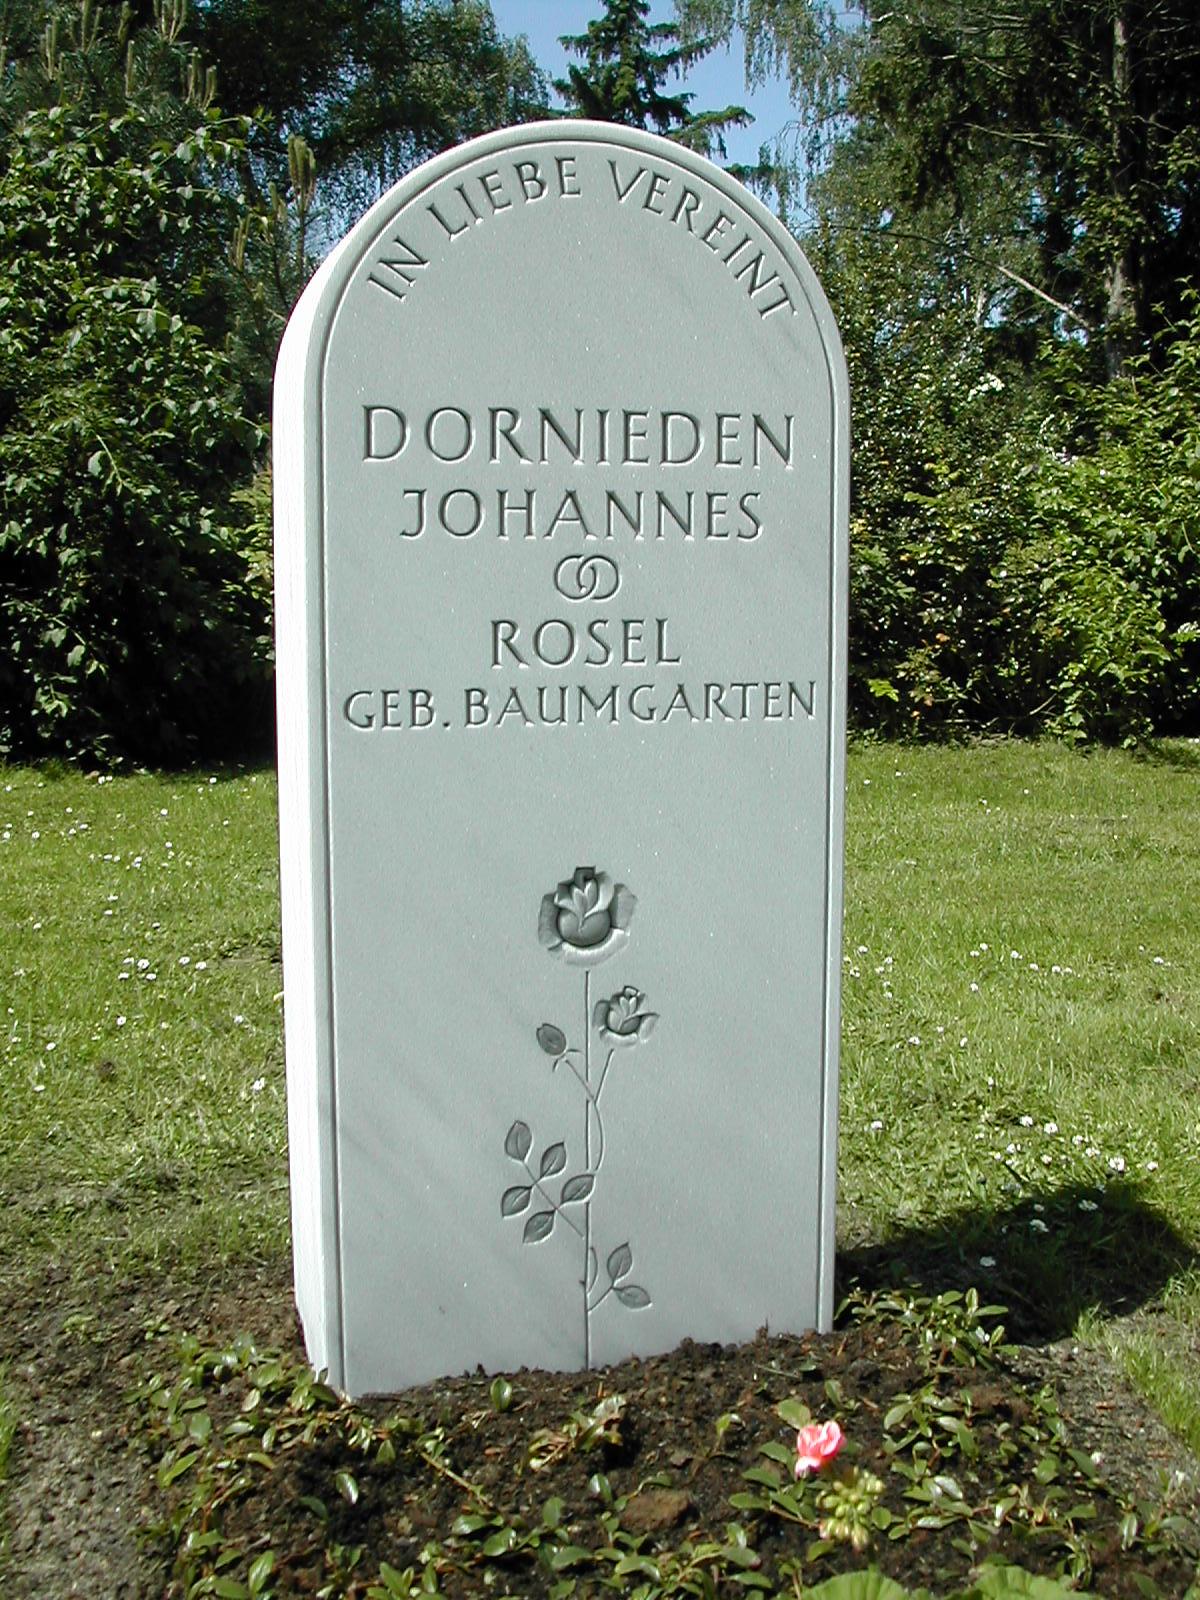 Grabmal aus griechischen Marmor, Bearbeitung gesandelt. Die Rose ist plastisch in der Fläche gearbeitet und anthrazit getönt, die Schrift ist keilvertieft gehauen und anthrazit getönt.